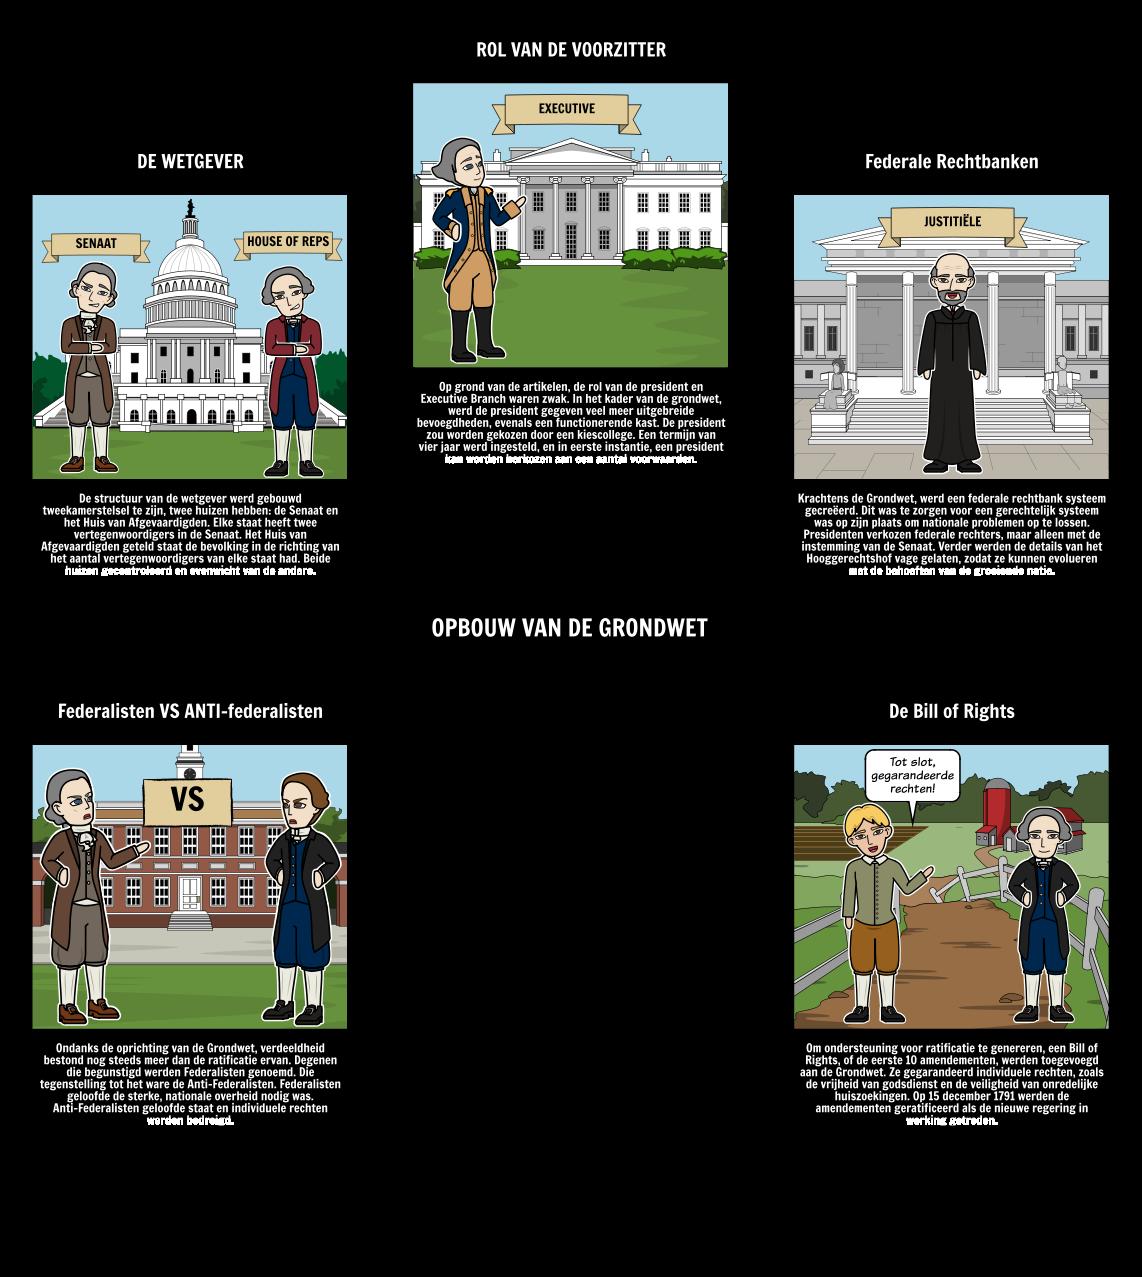 Federalisme - Structuur van de Grondwet